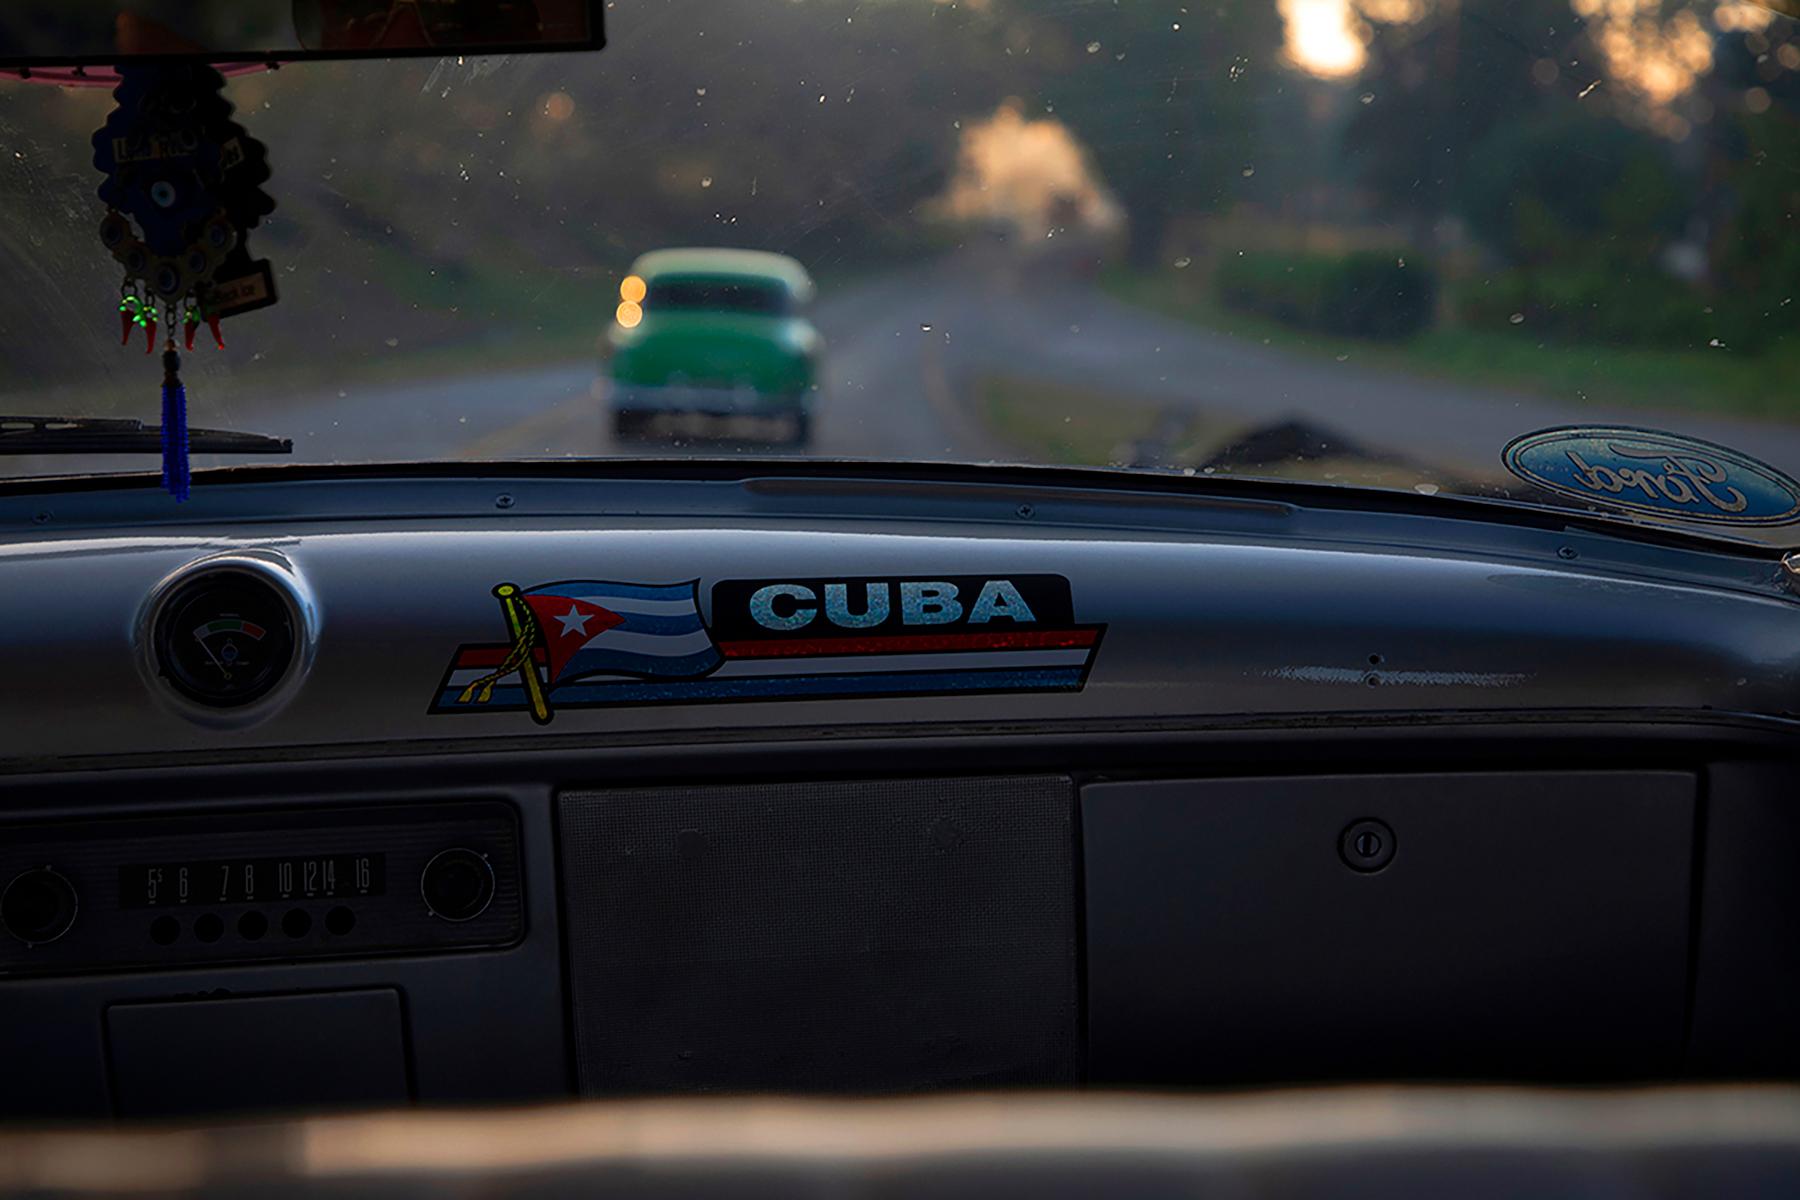 c-Sarah_Hoskins_-cuba_-cubancars